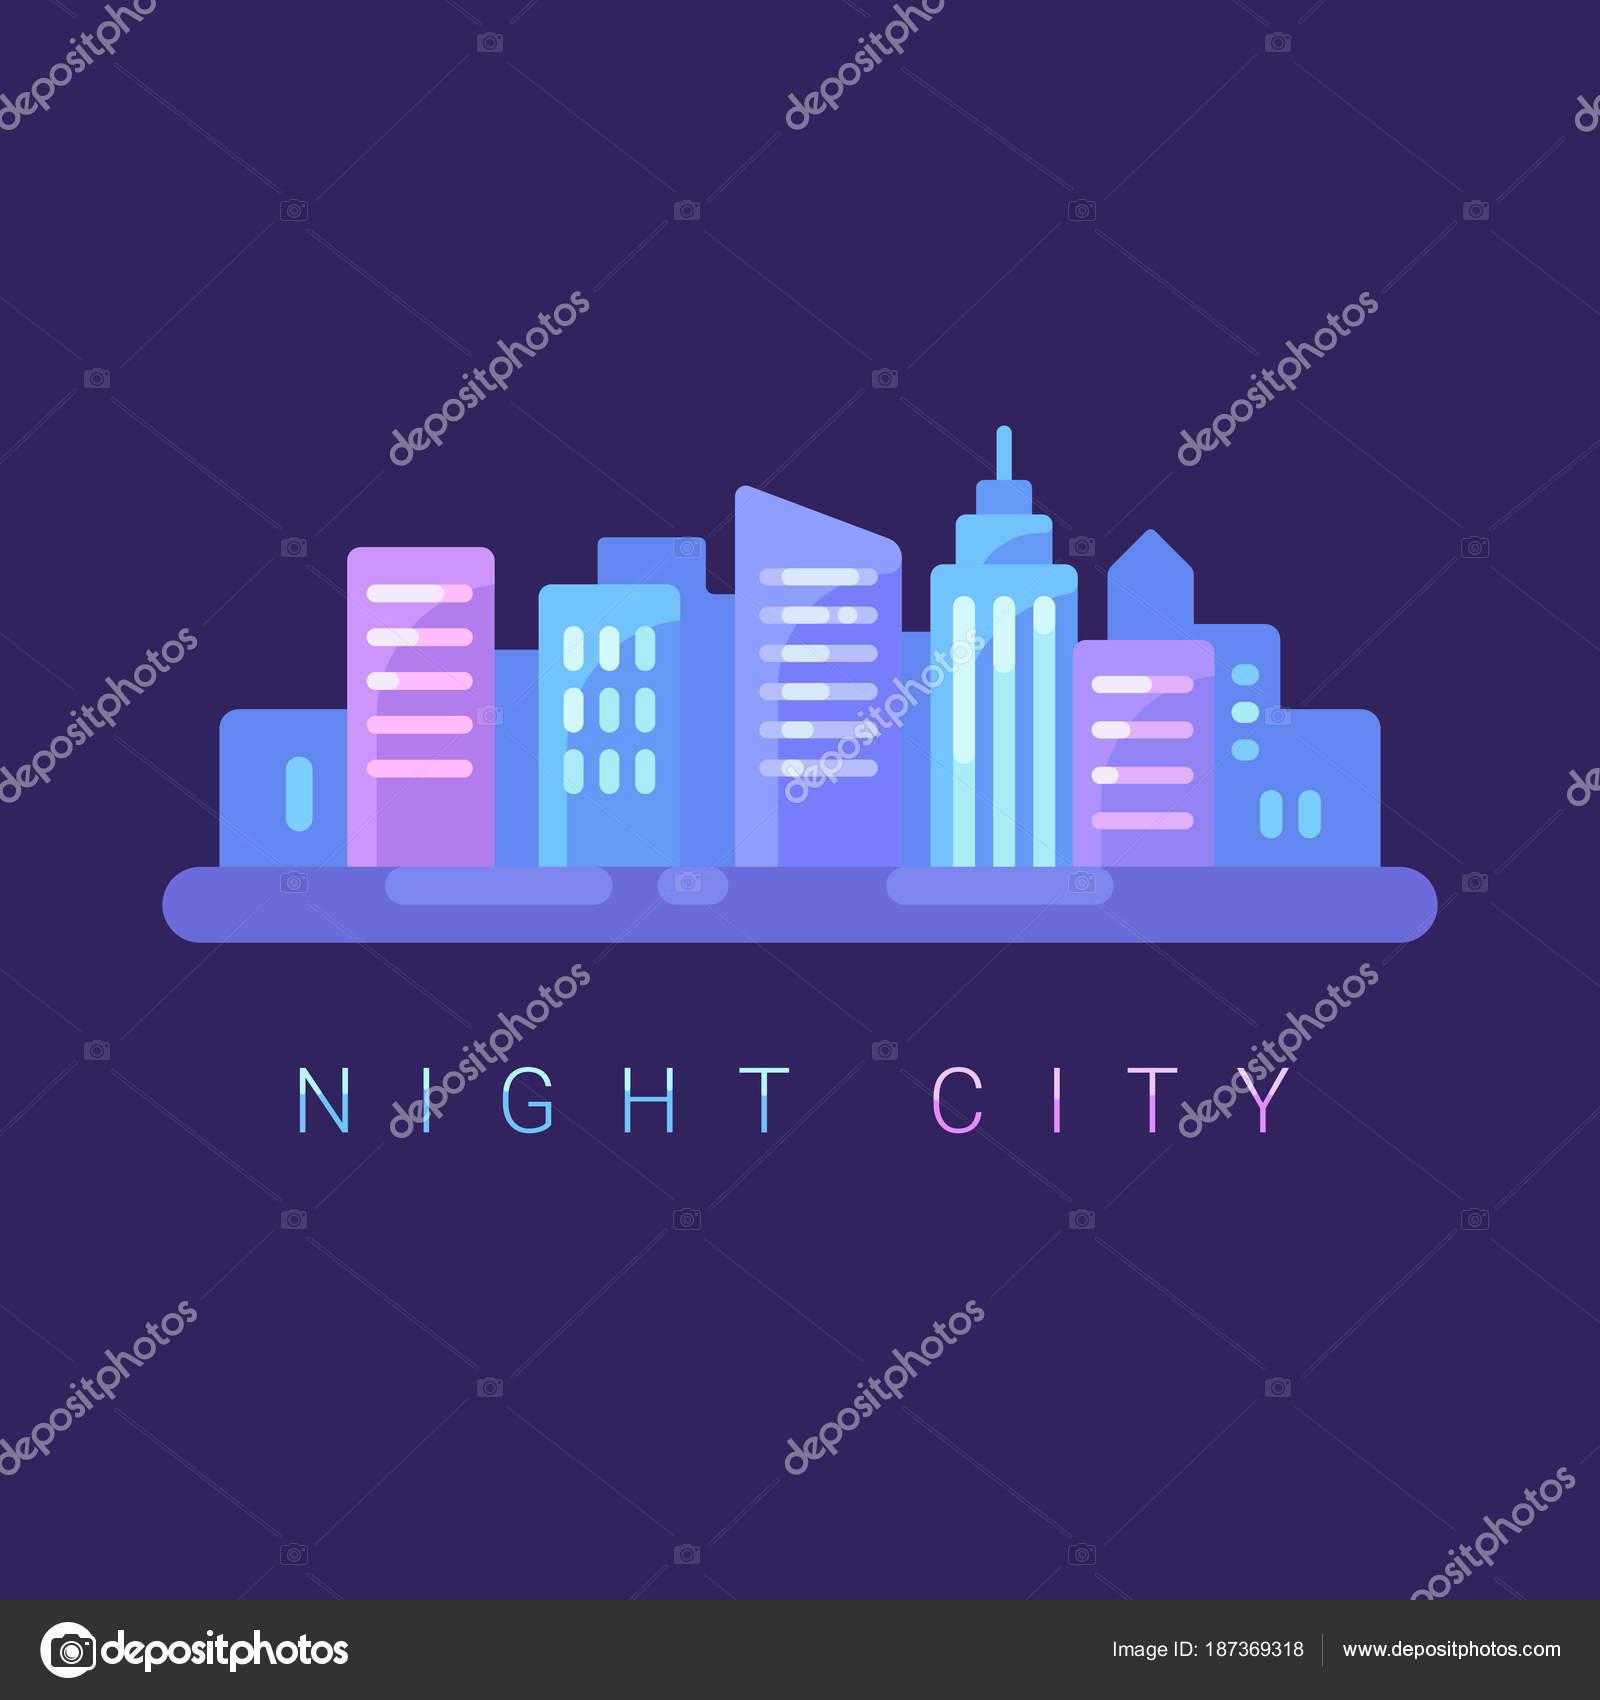 夜都市景観フラット イラスト背景 テキストをネオン街バナー ストック